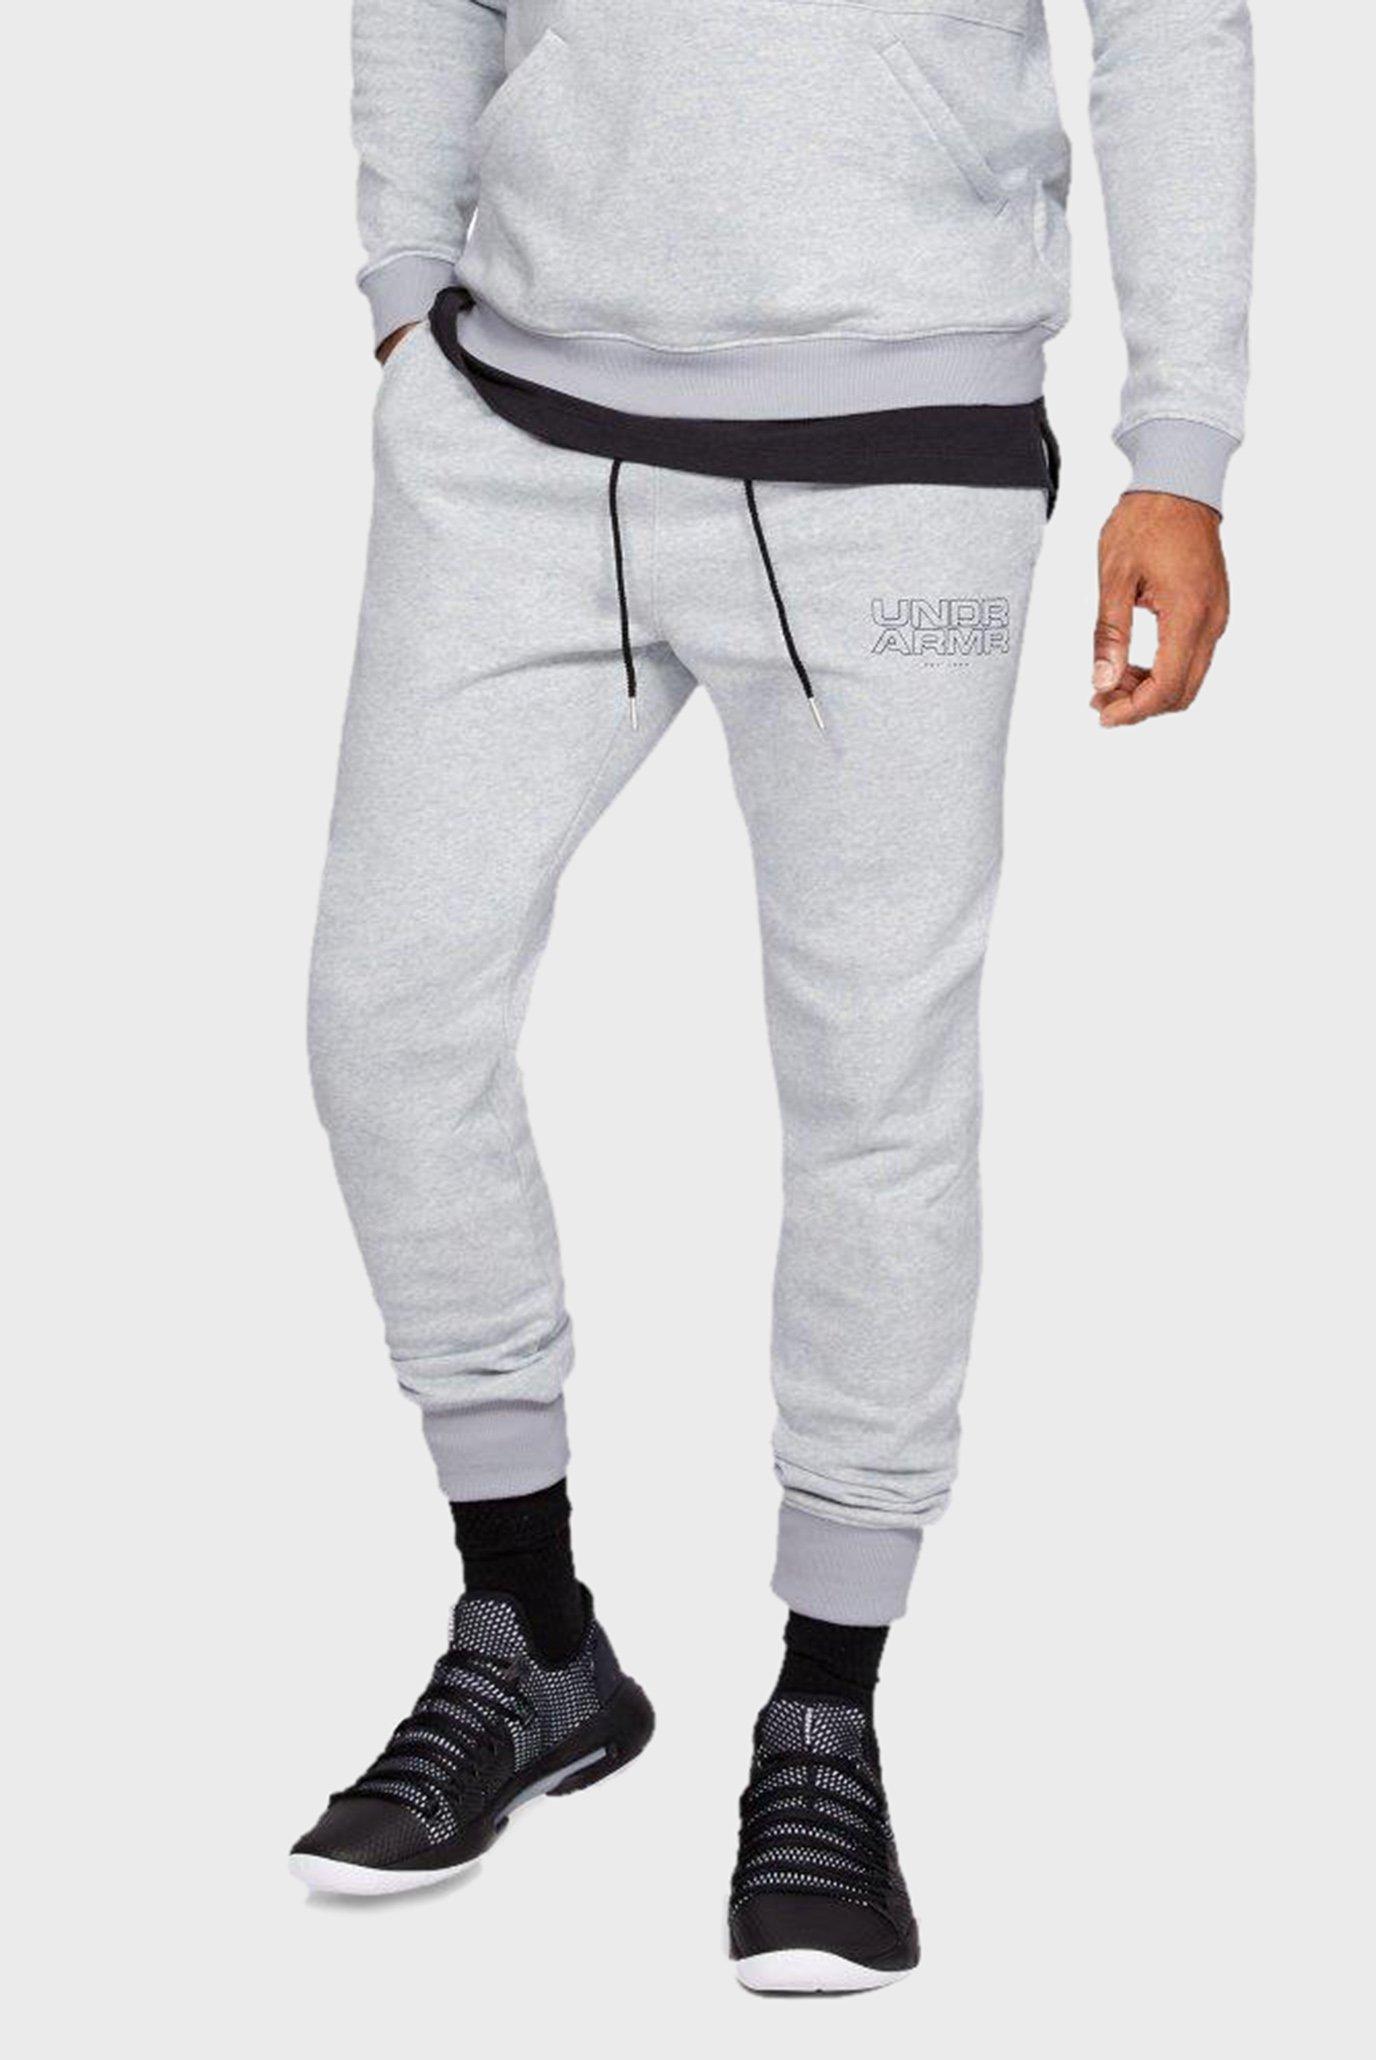 Чоловічі сірі спортивні штани Baseline FLC Tapered Pant 1